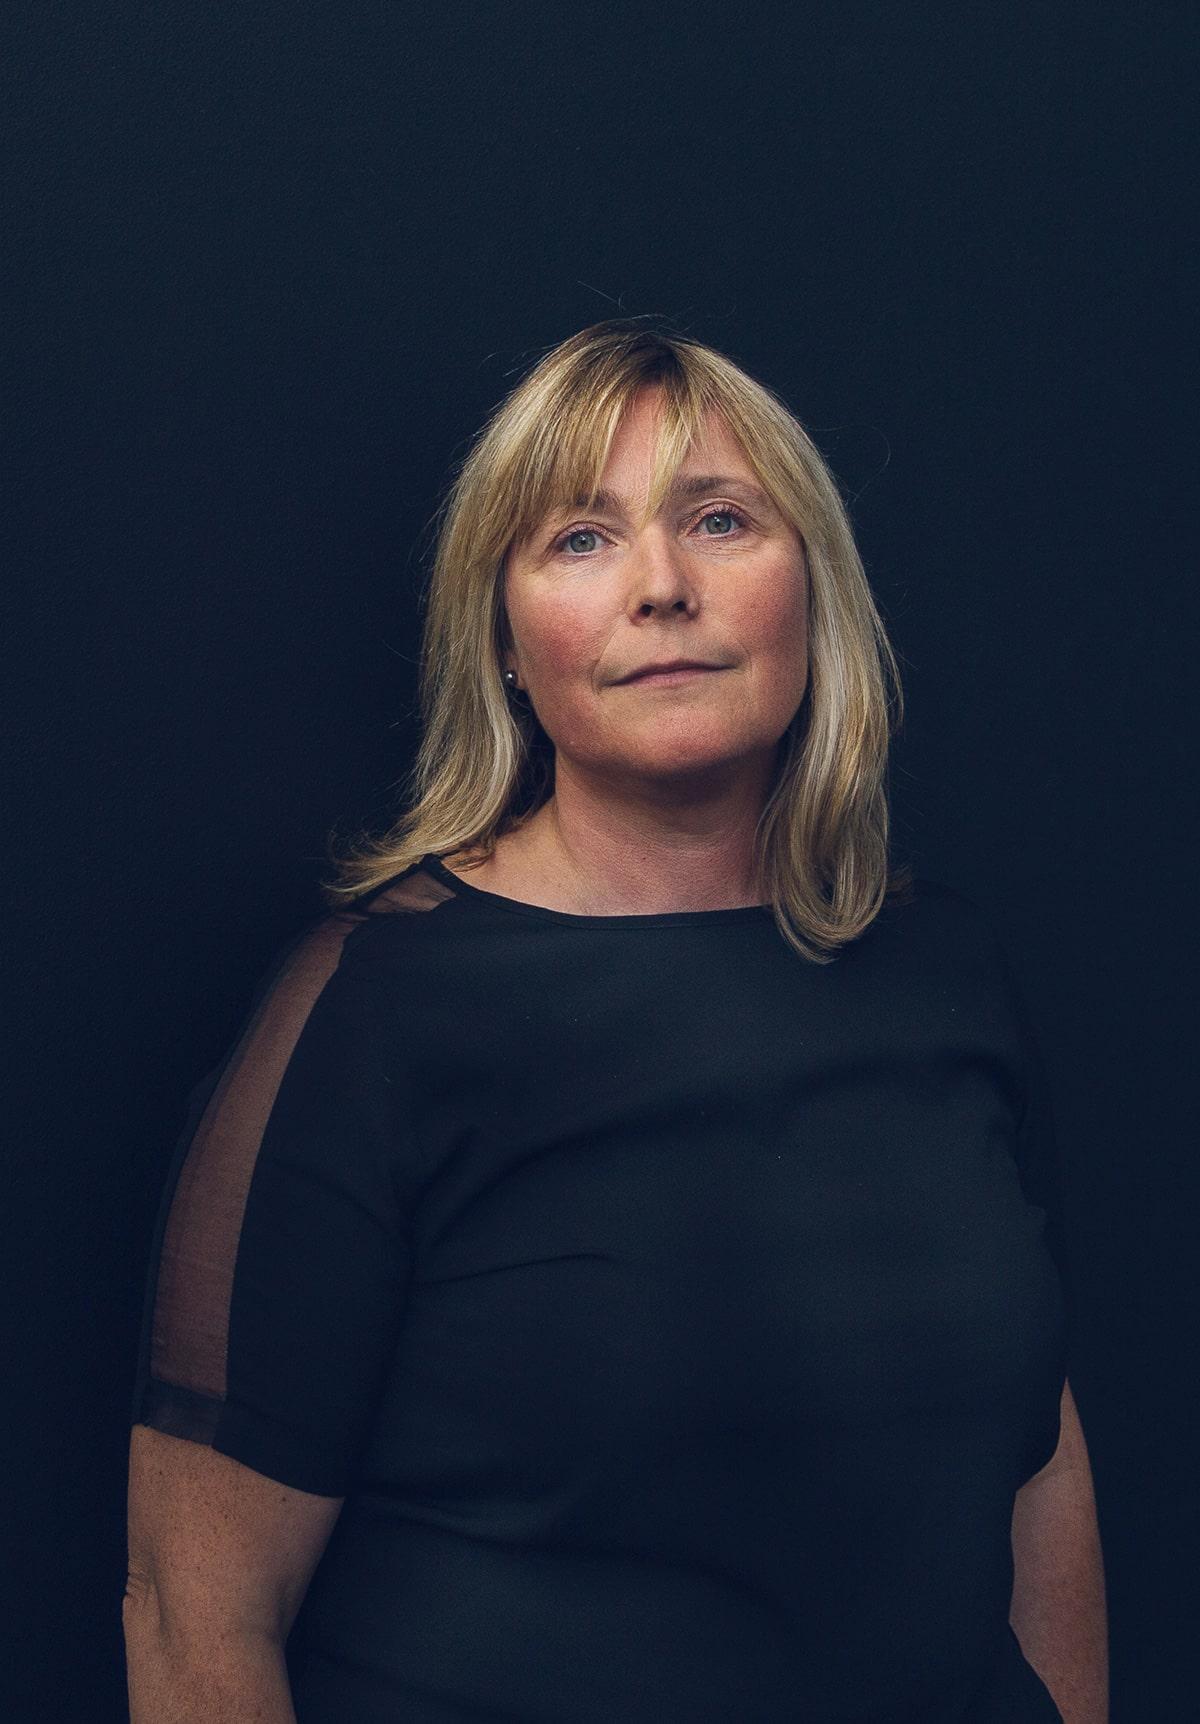 Anne-Laure Dumeaux